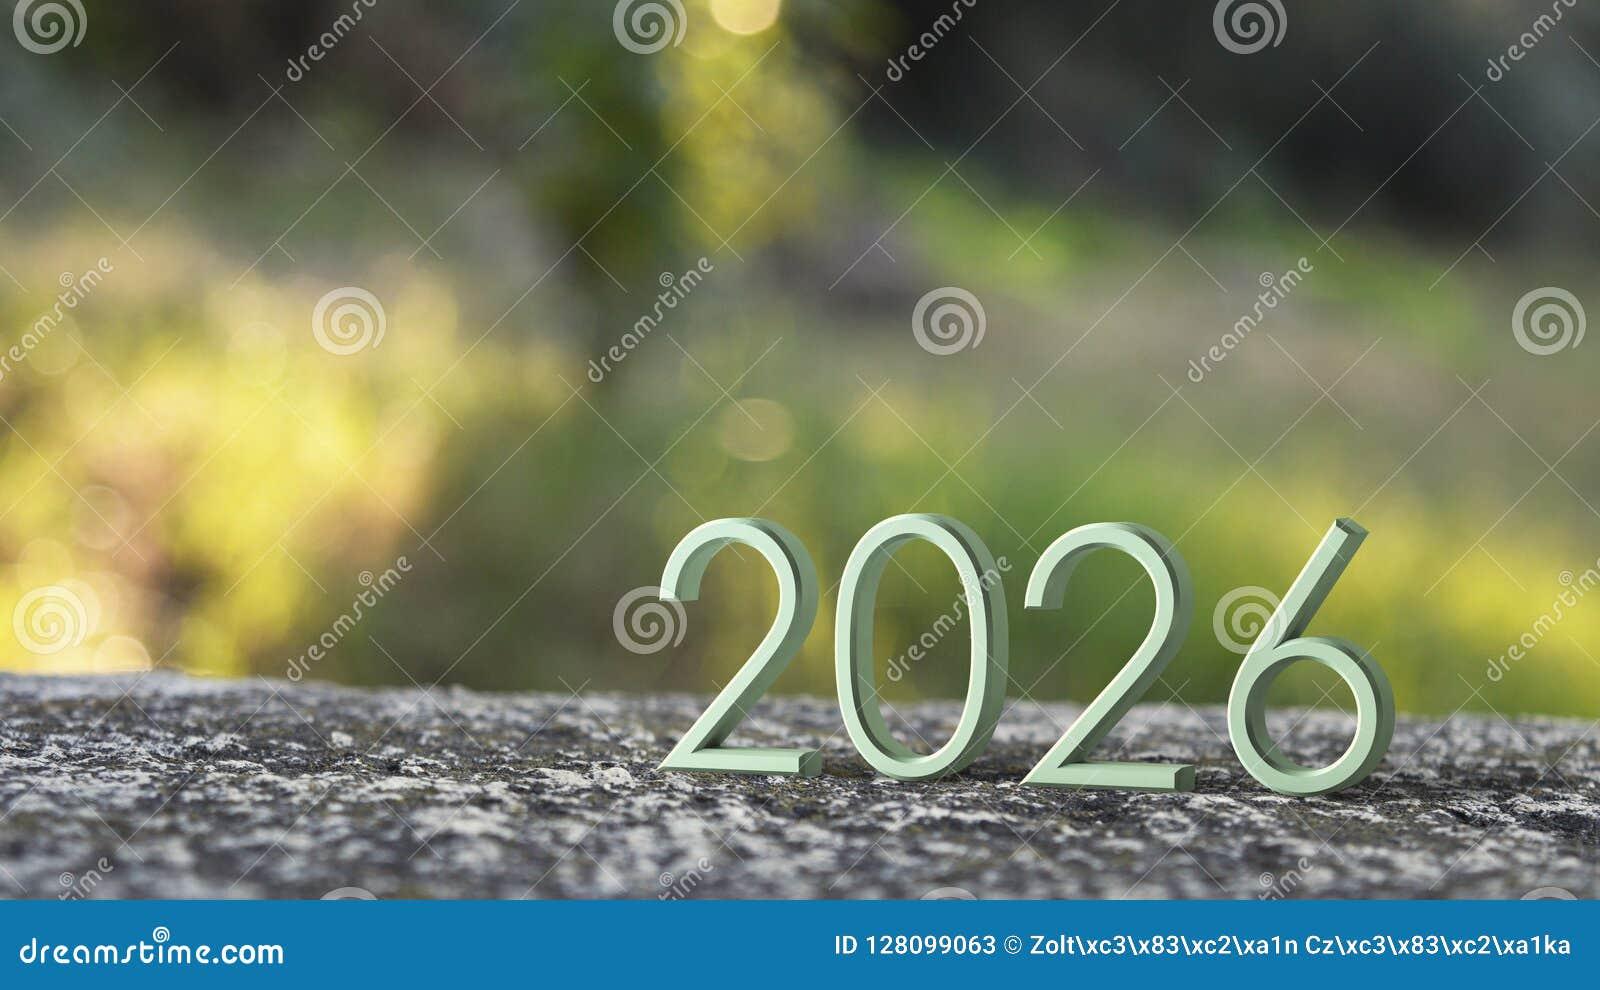 2026 3d rendering.